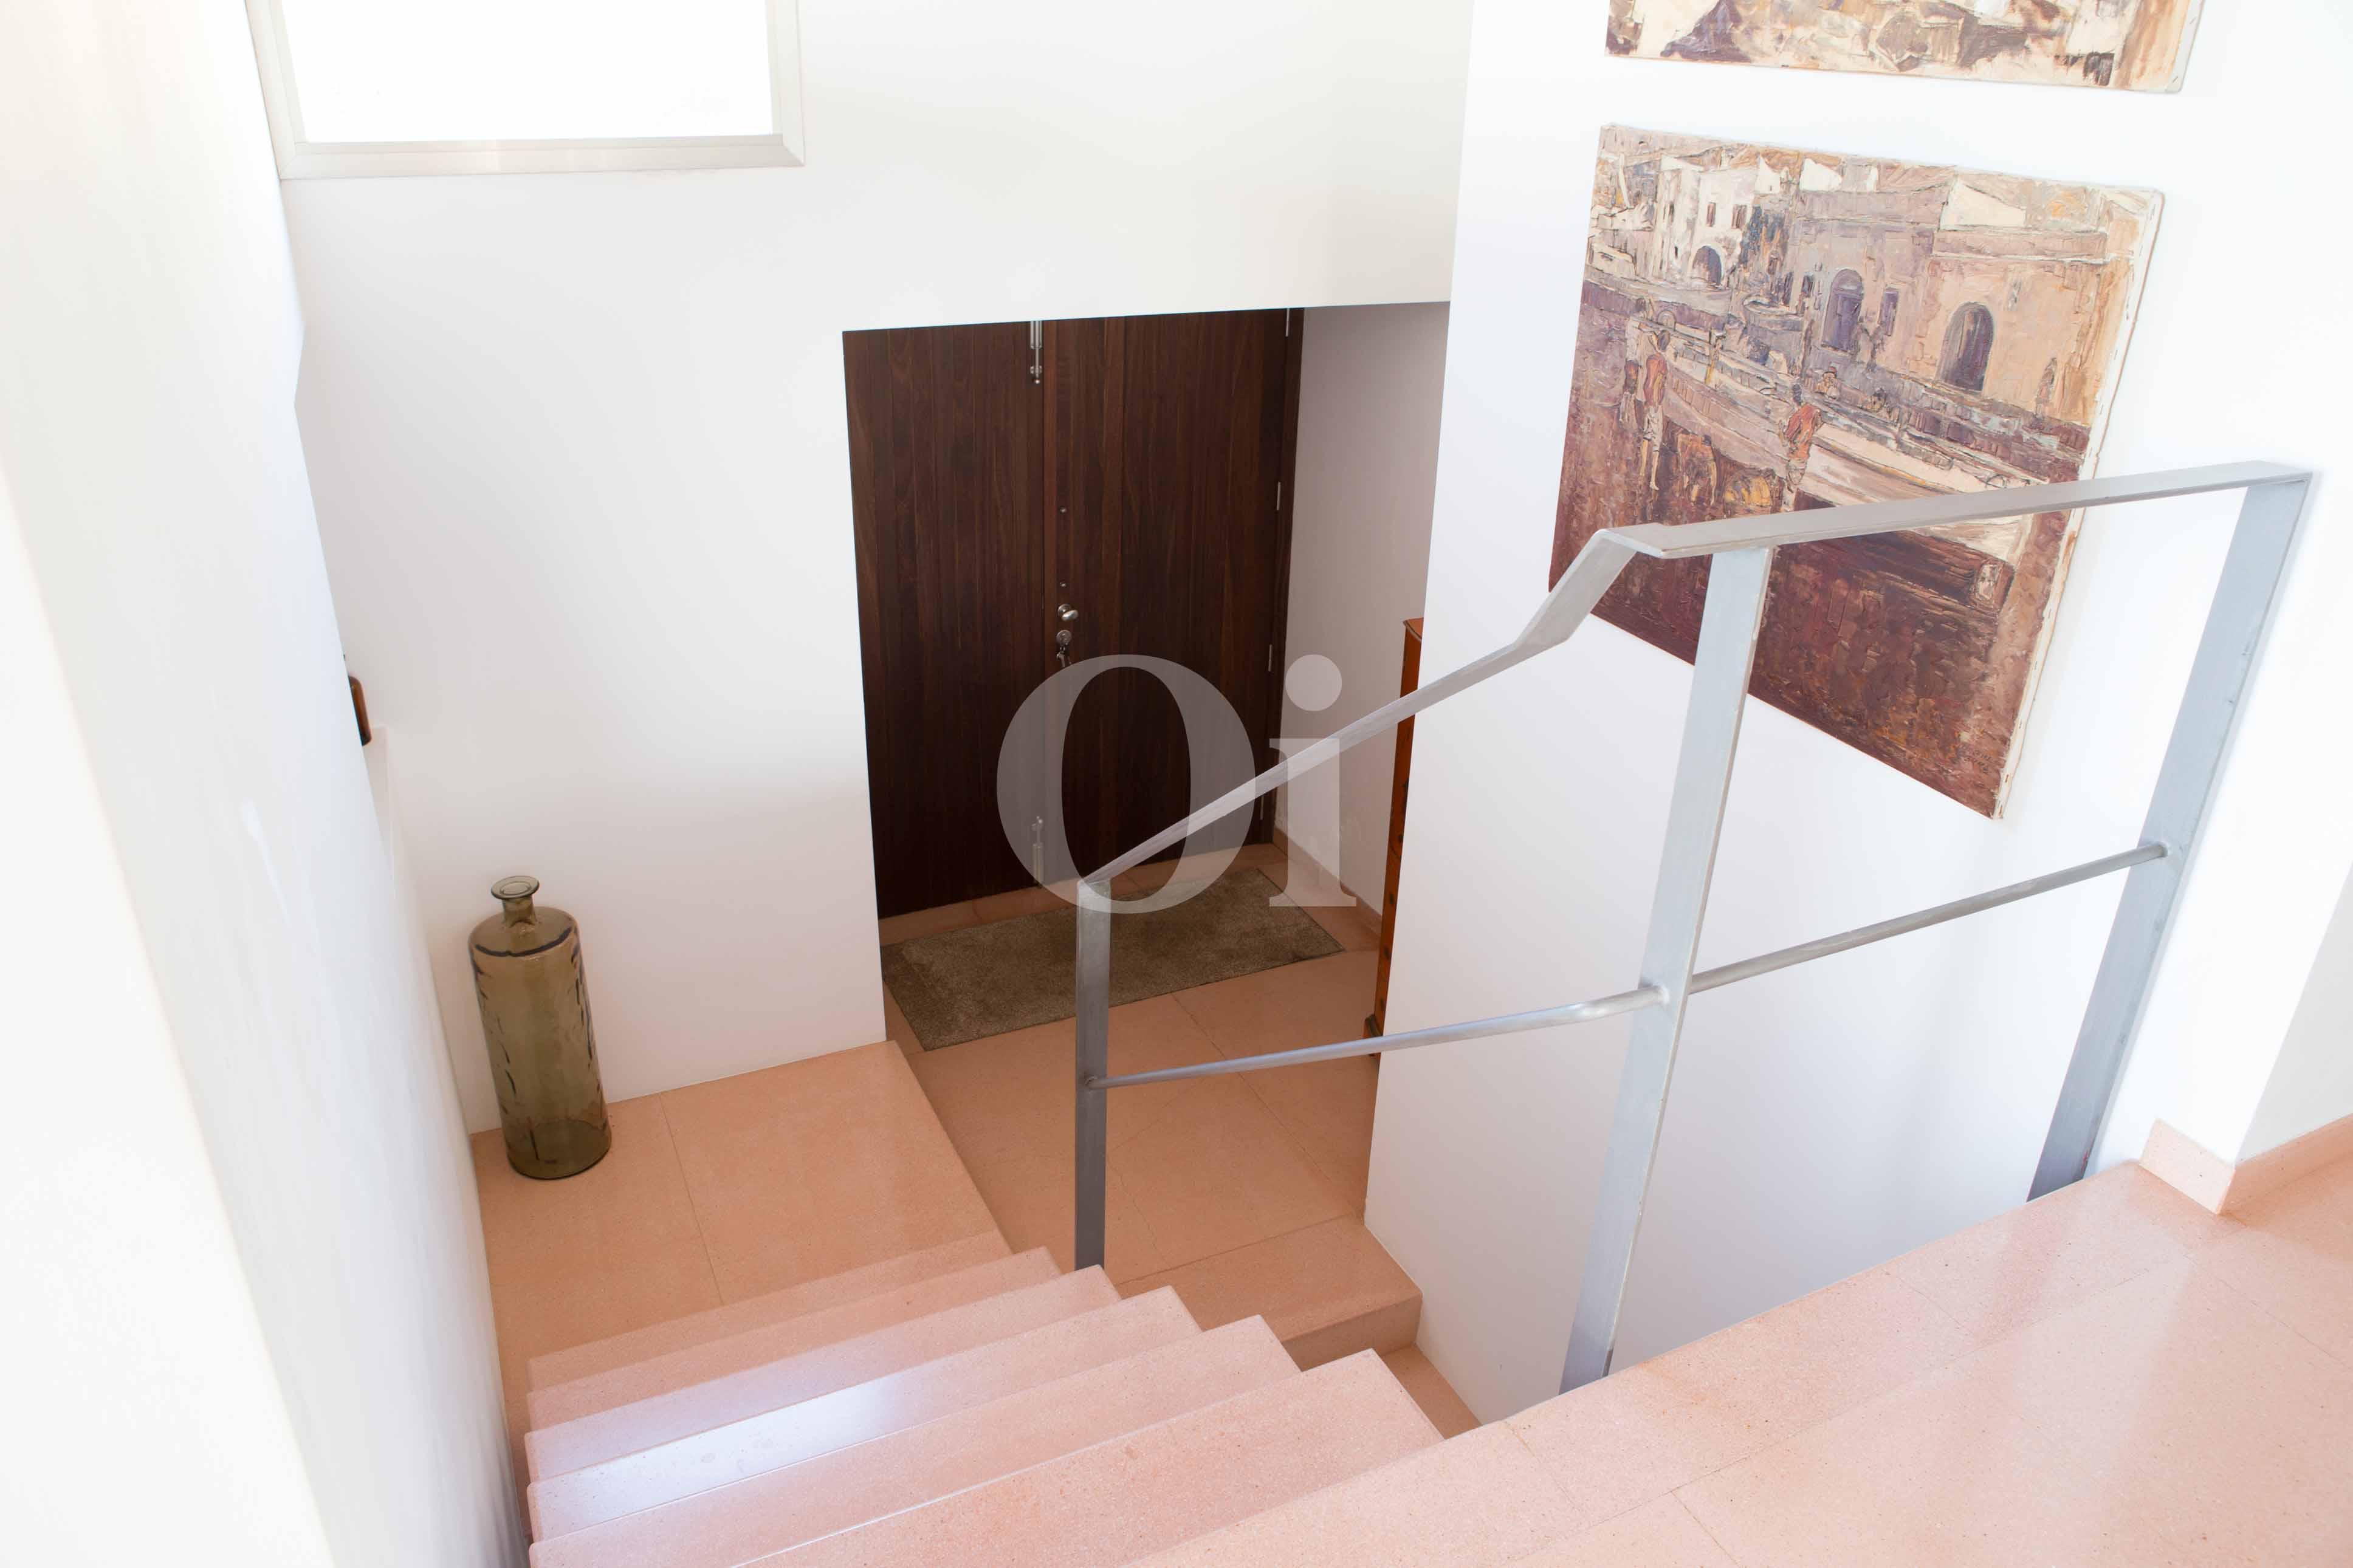 Escaleras de moderna villa en venta en Artá, Mallorca